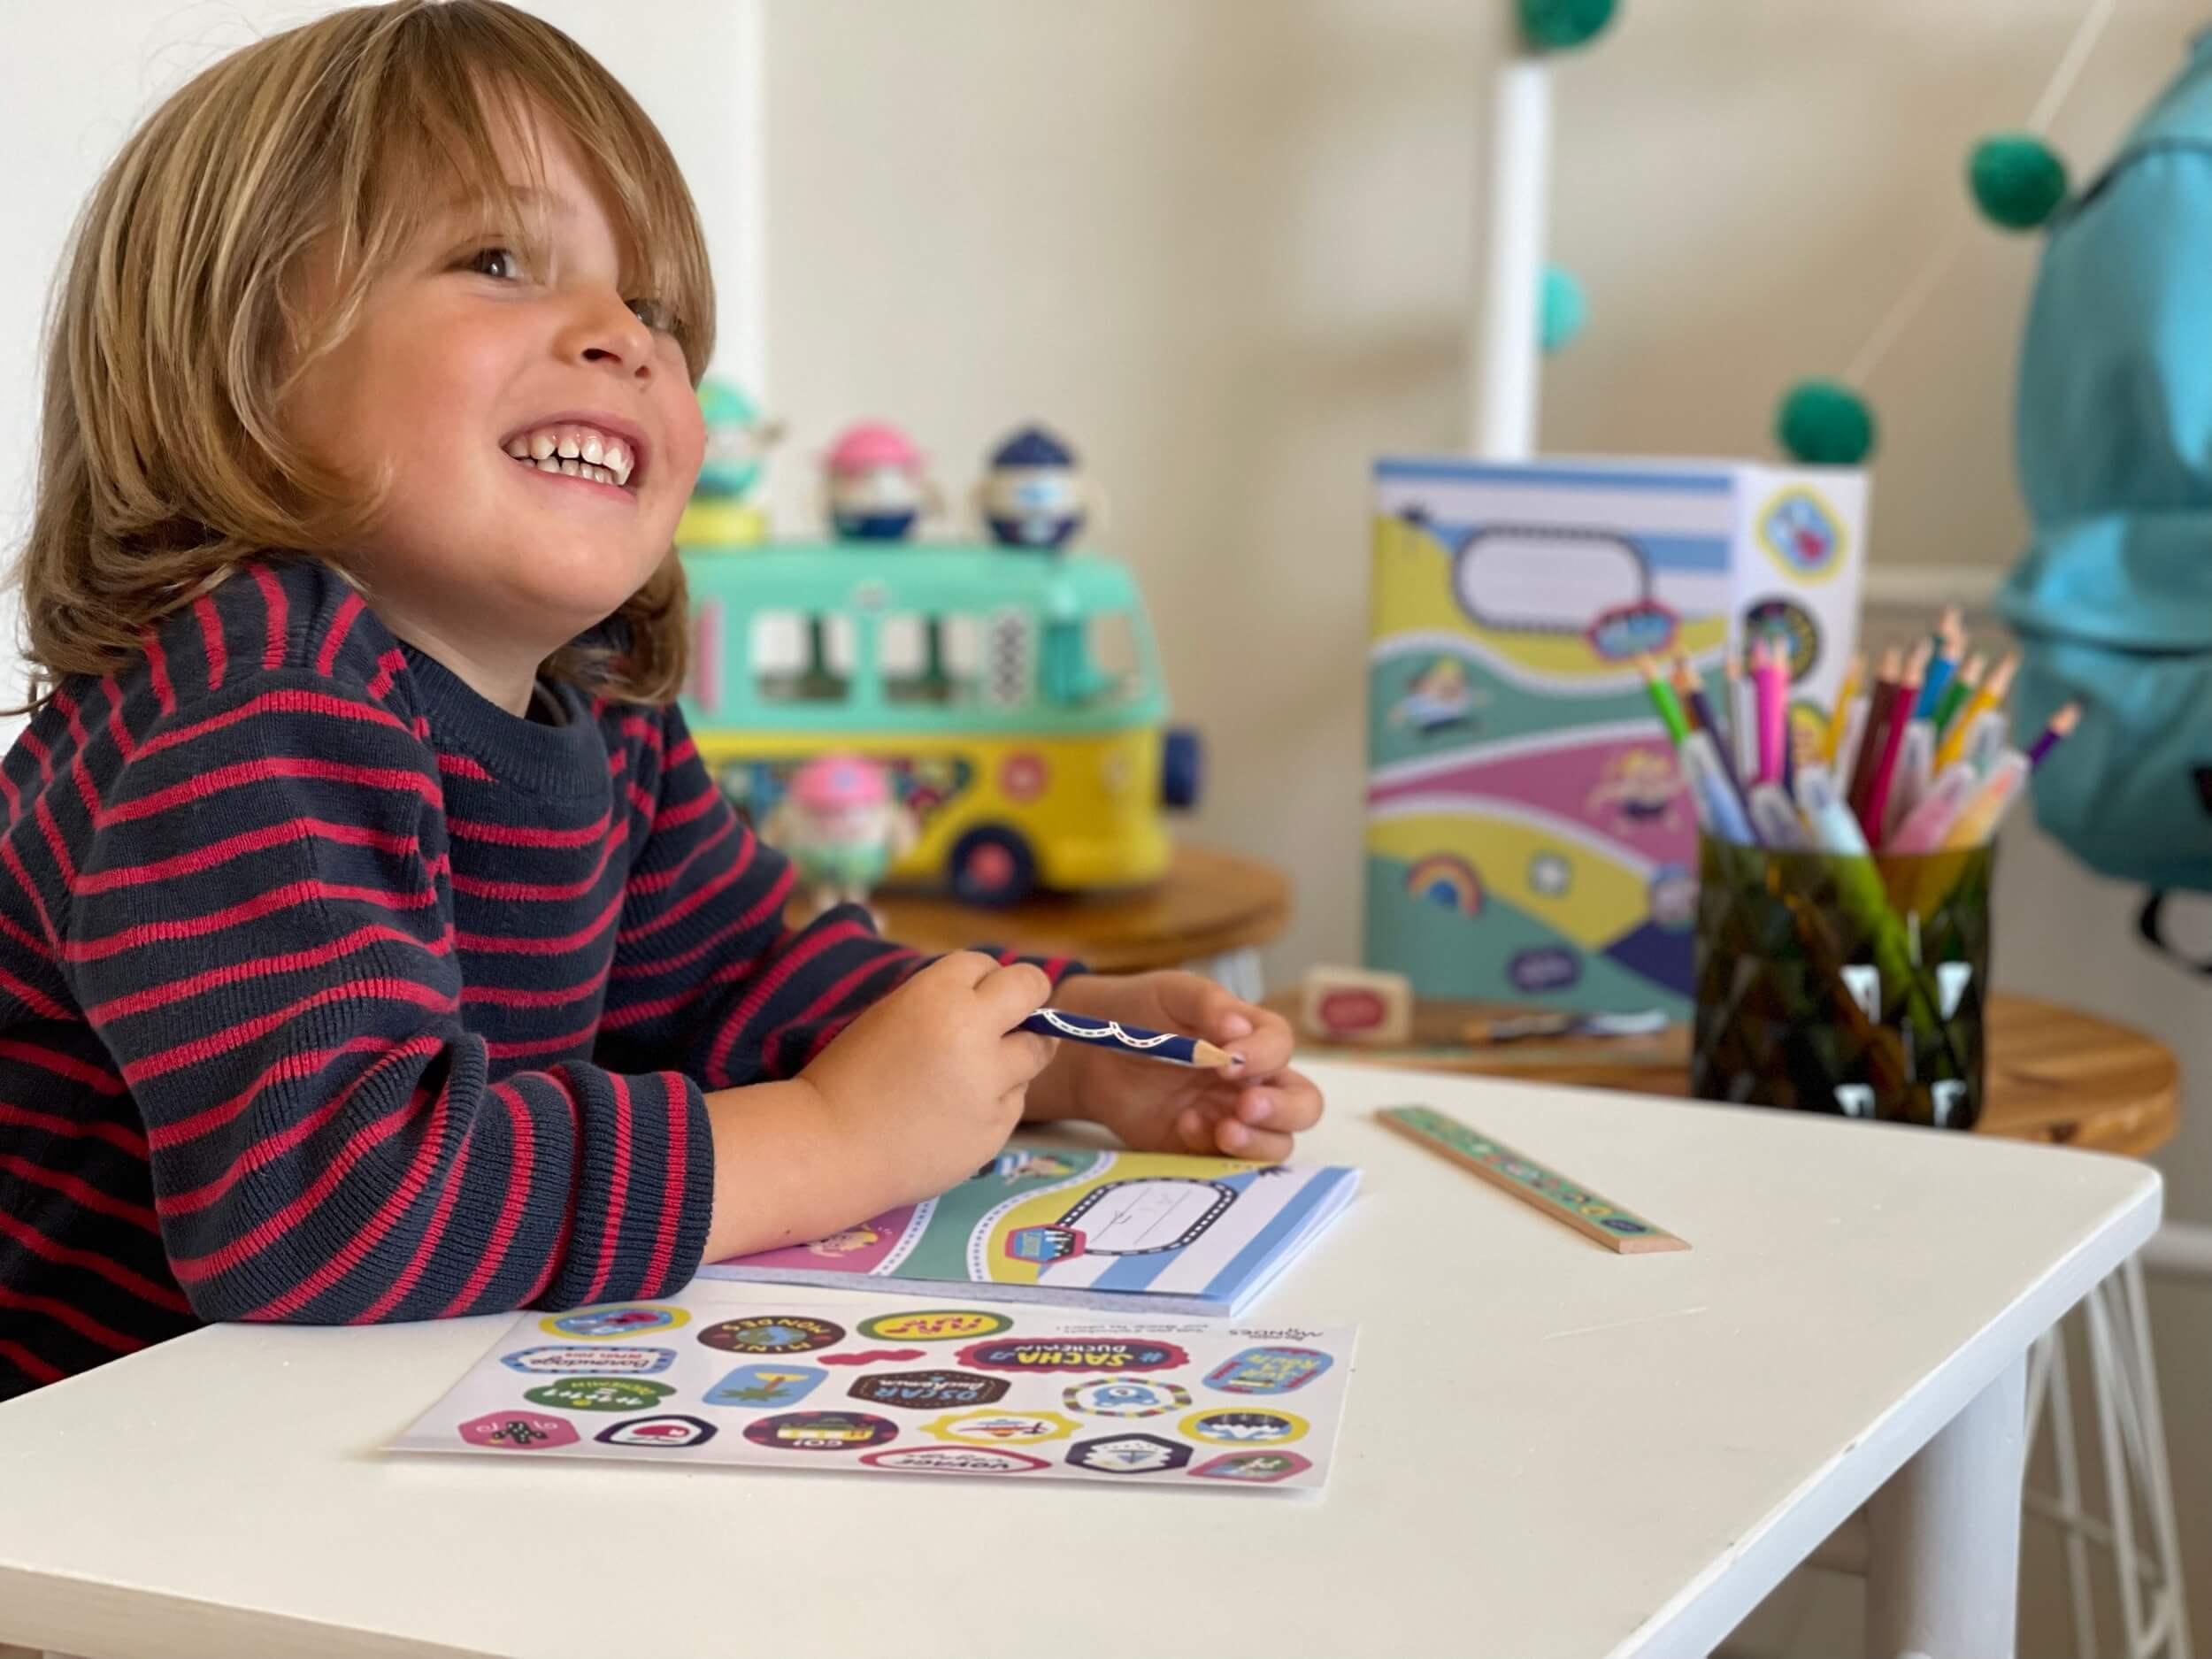 Fournitures scolaires pour la rentrée des classes de votre enfant, dès 4 ans, aux couleurs des Mini Mondes